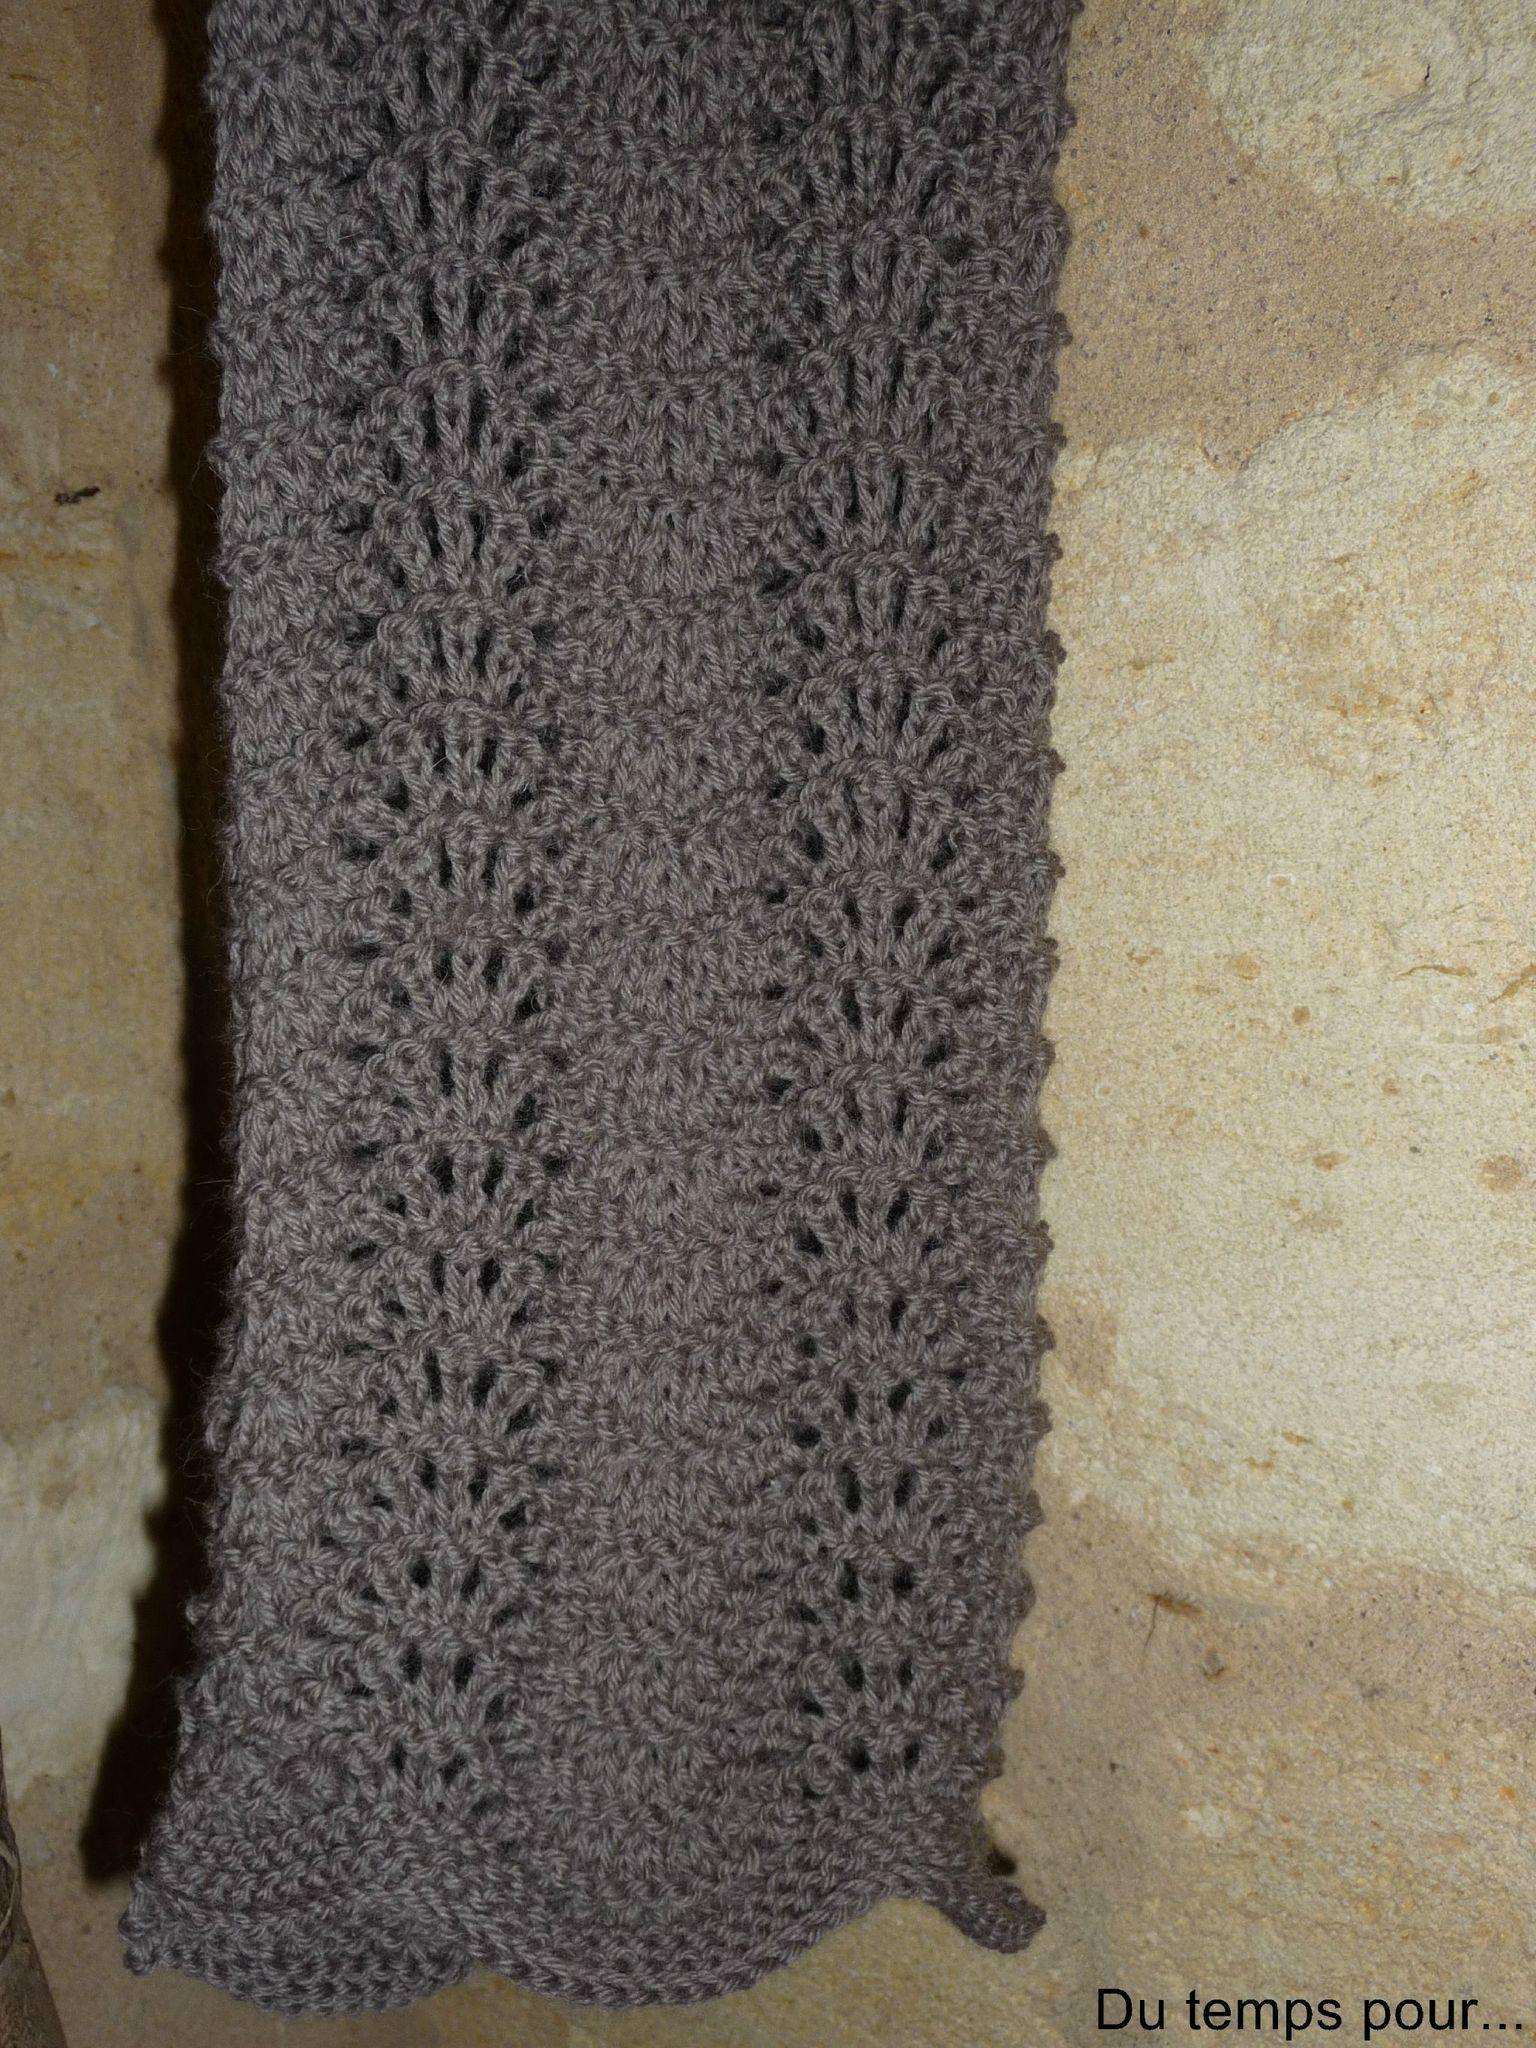 Étonnant Quel Point Pour Tricoter Une Écharpe echarpe au point de vagues - du temps pour